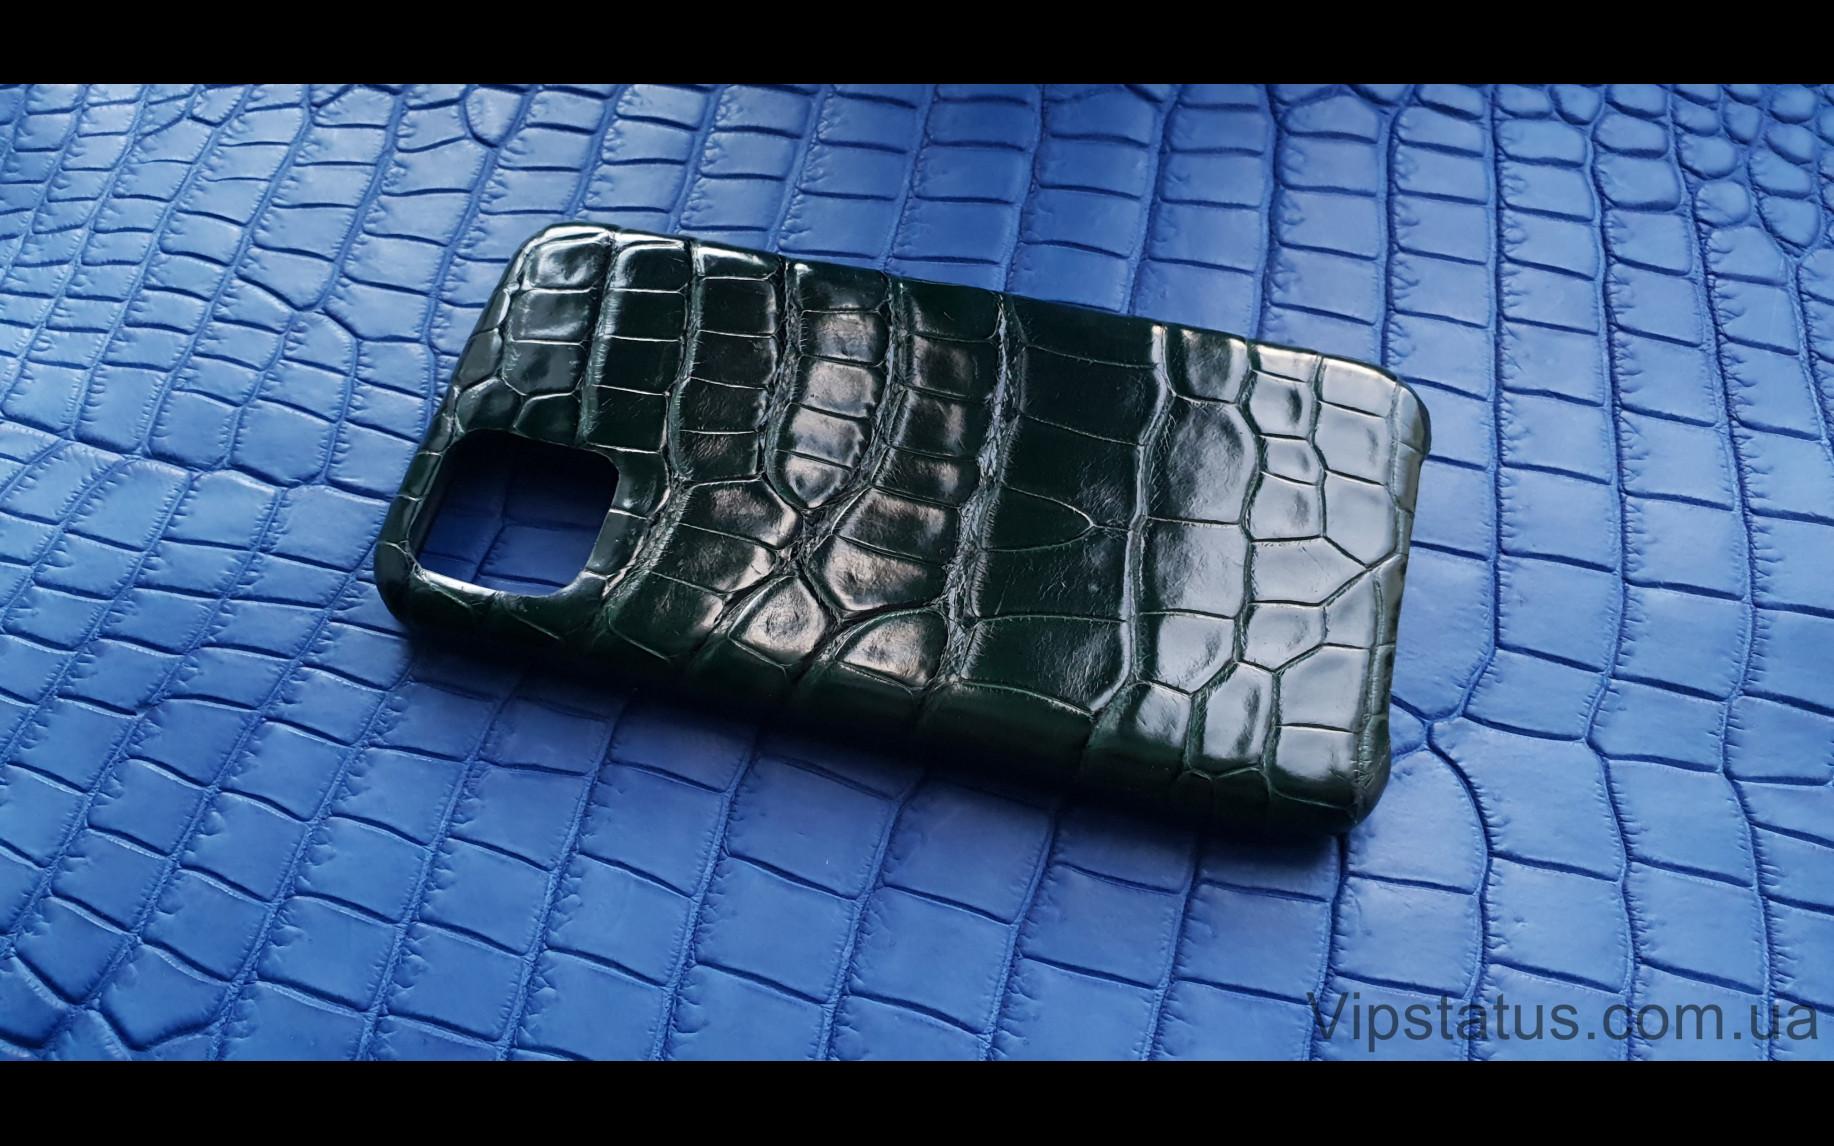 Элитный Dark Green Люксовый чехол IPhone 11 Pro Max кожа крокодила Dark Green Люксовый чехол IPhone 11 Pro Max кожа крокодила изображение 2